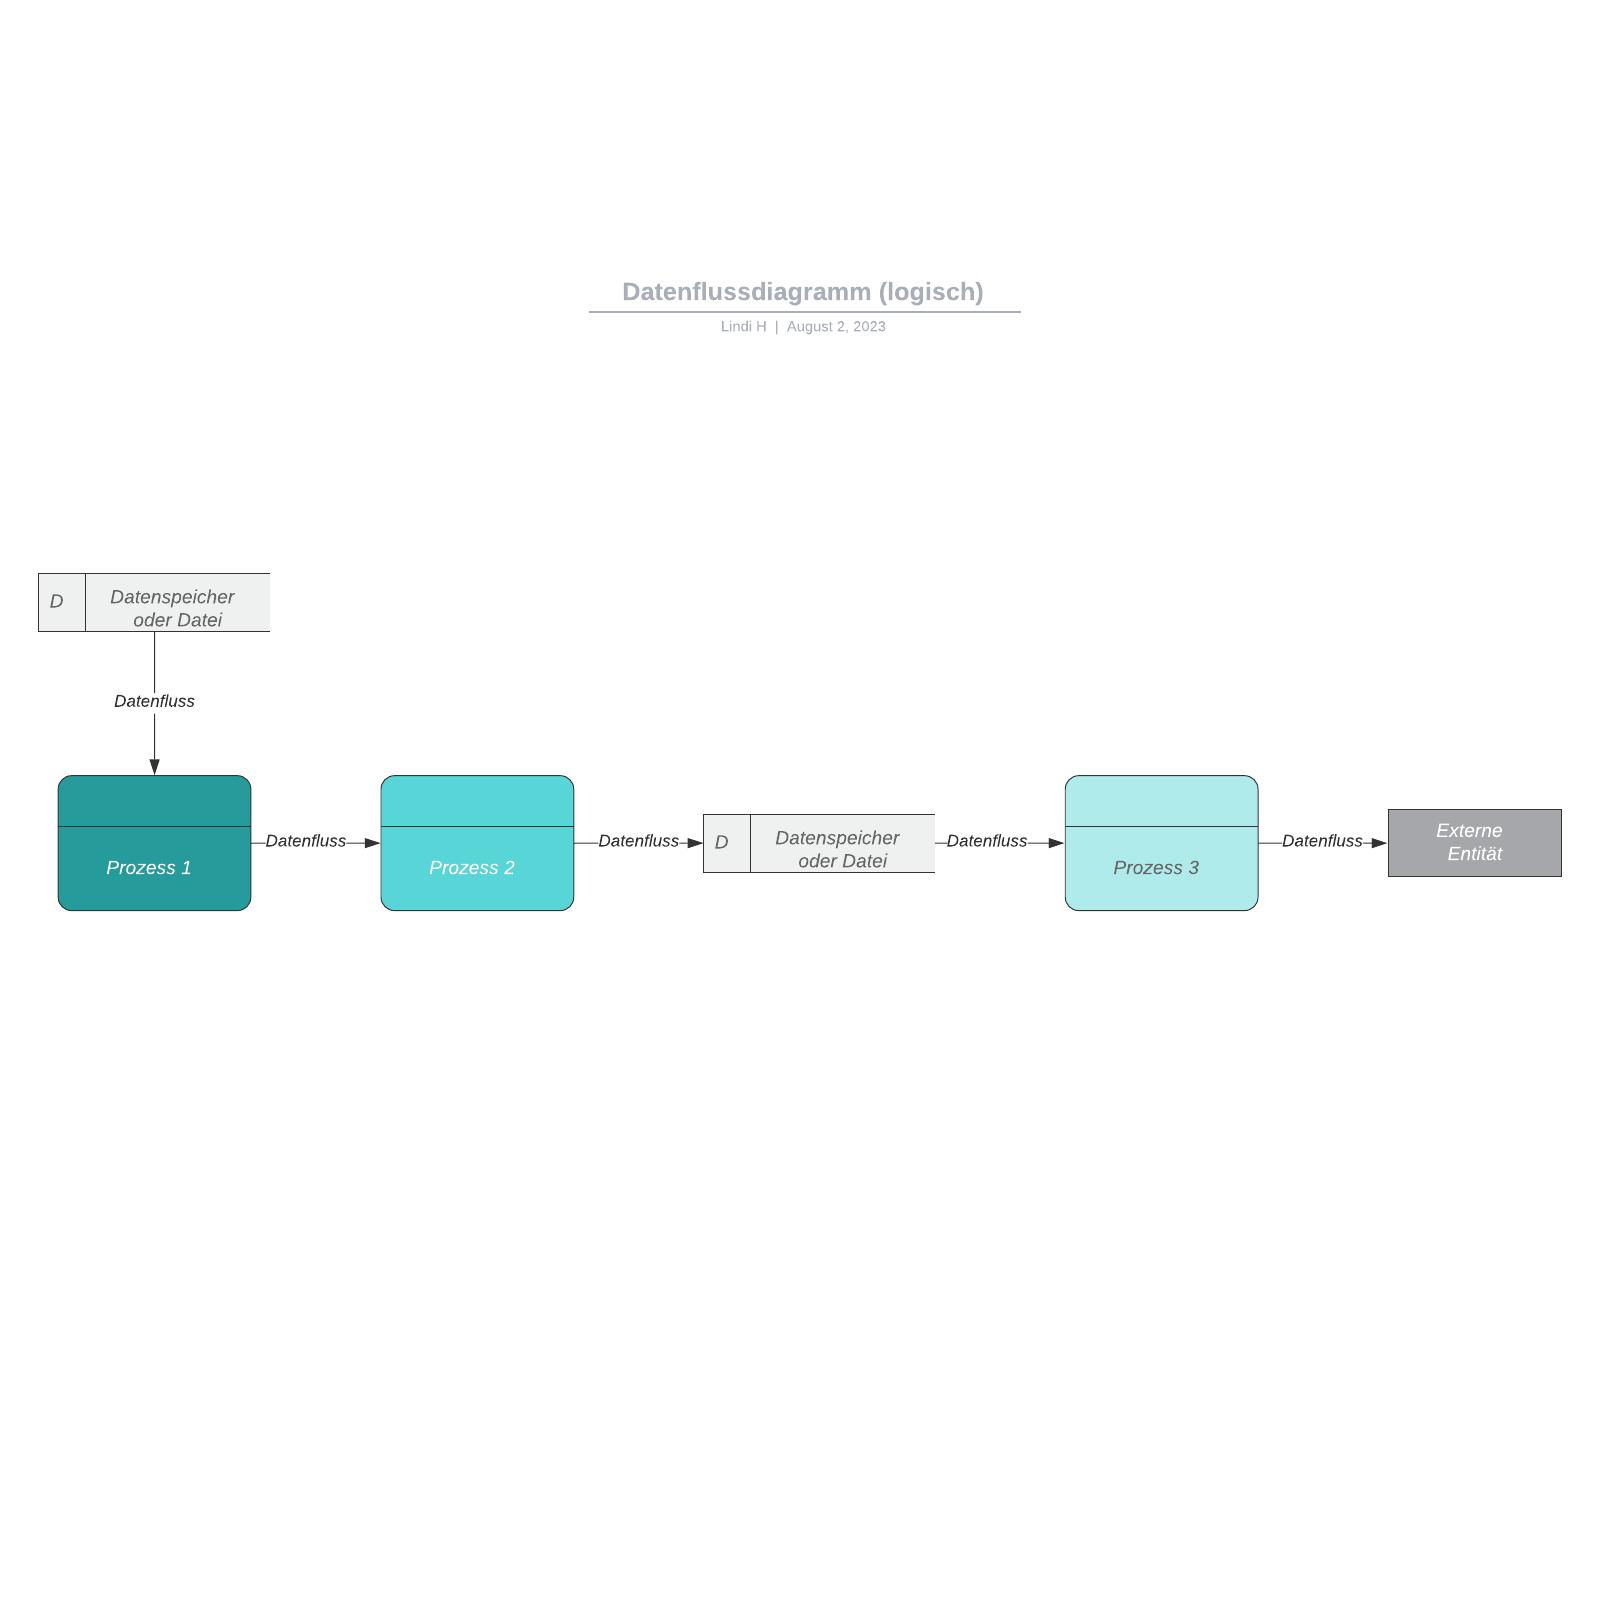 Datenflussdiagramm (logisch)